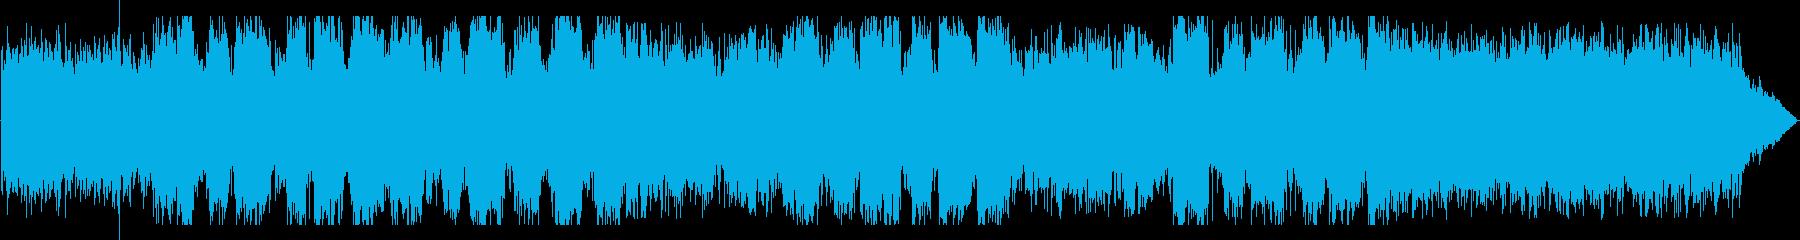 ポップ音響研究所弾むような陽気で幸...の再生済みの波形